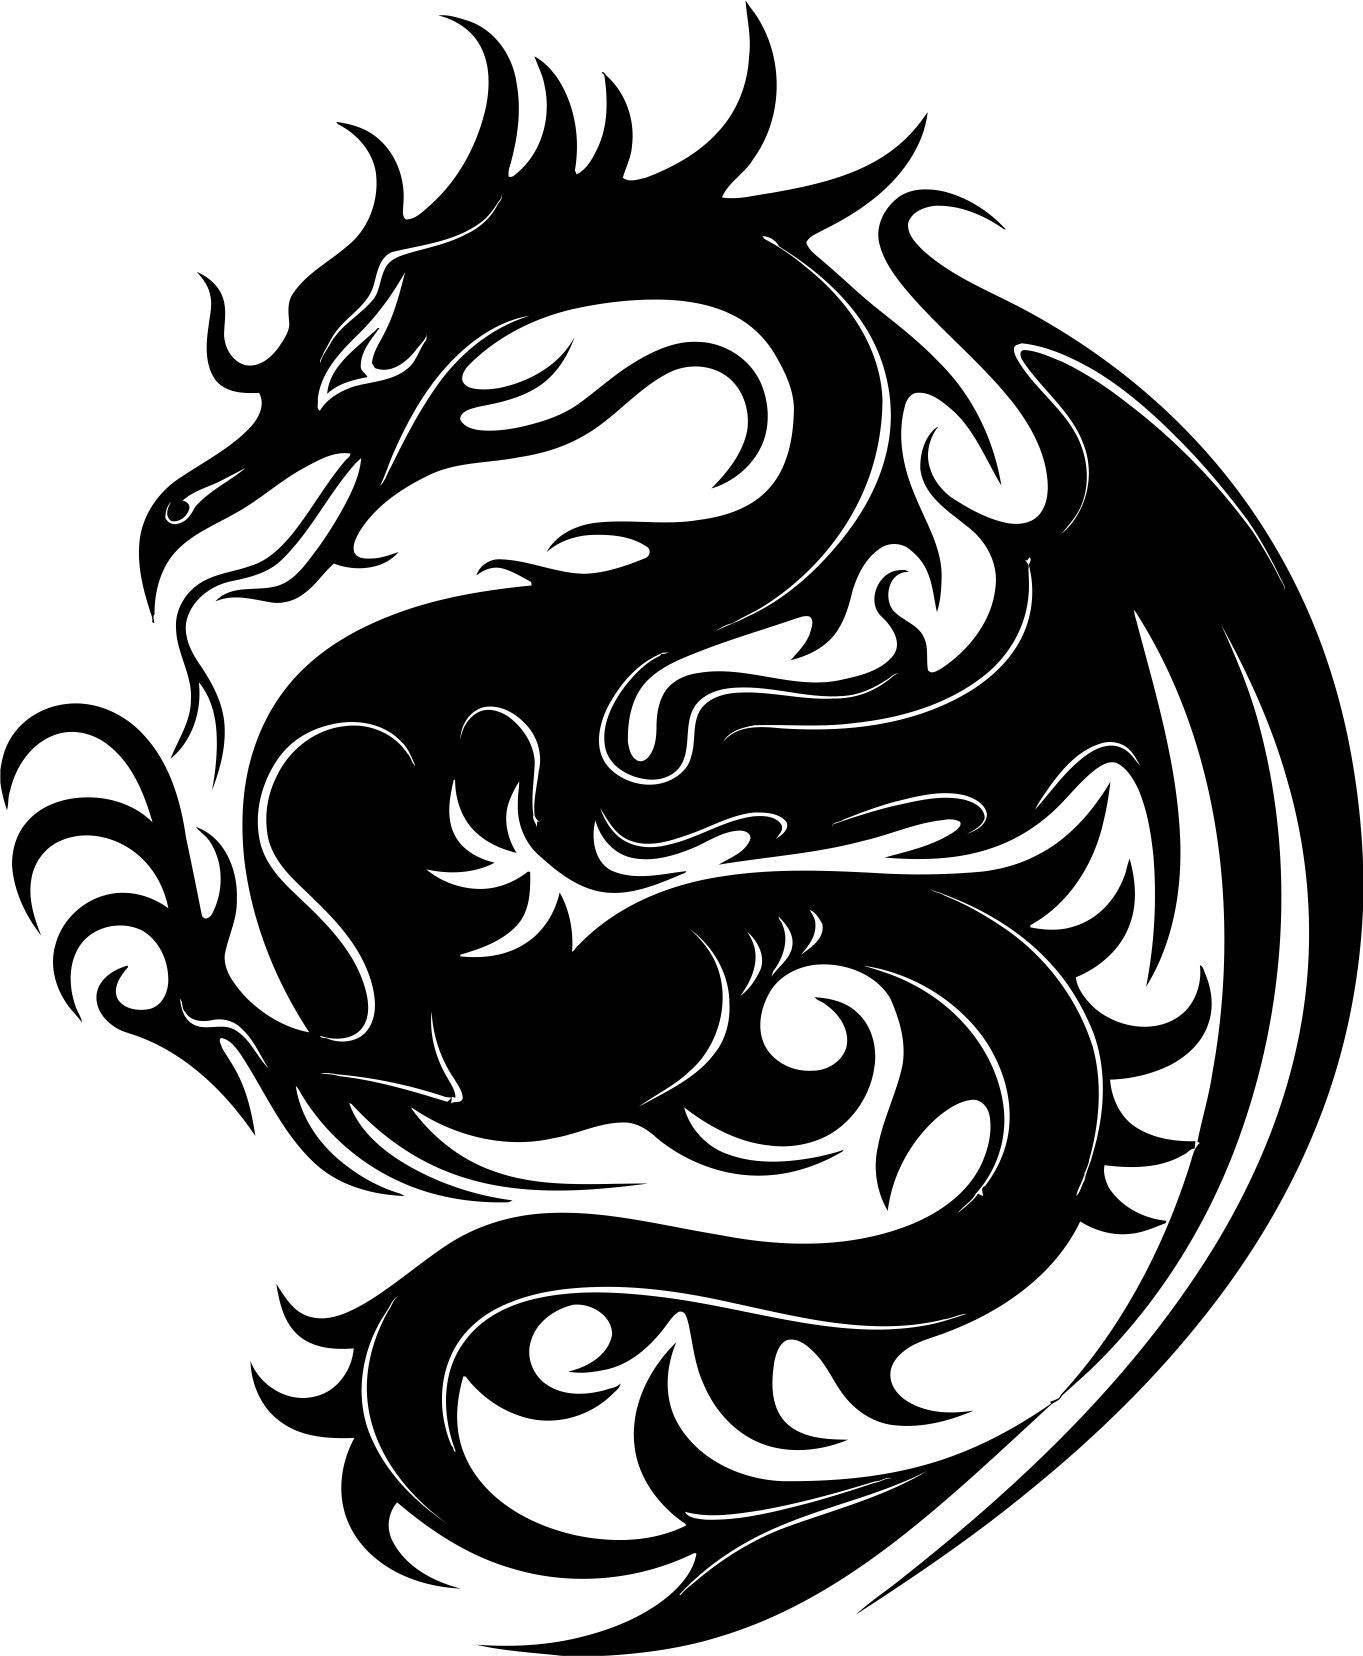 Dragon Stencil Free Vector